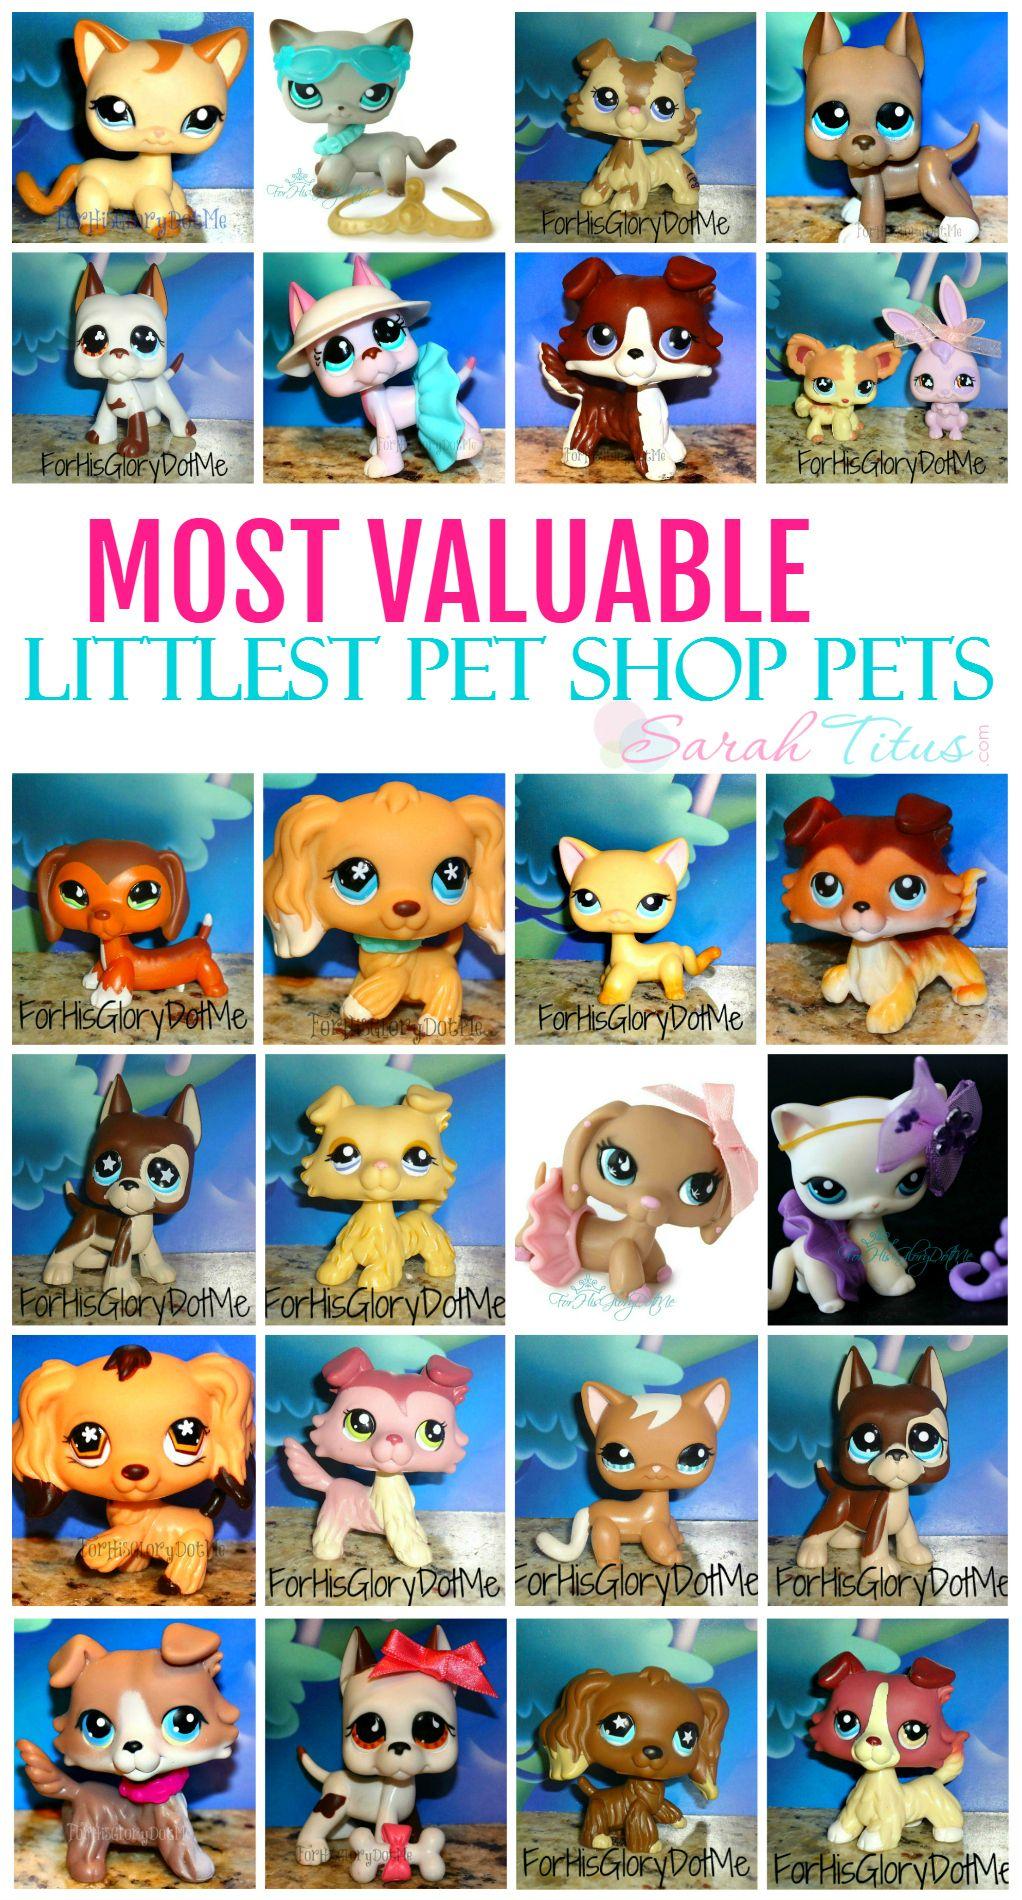 Most Valuable Rare Littlest Pet Shop Pets List Thrifty